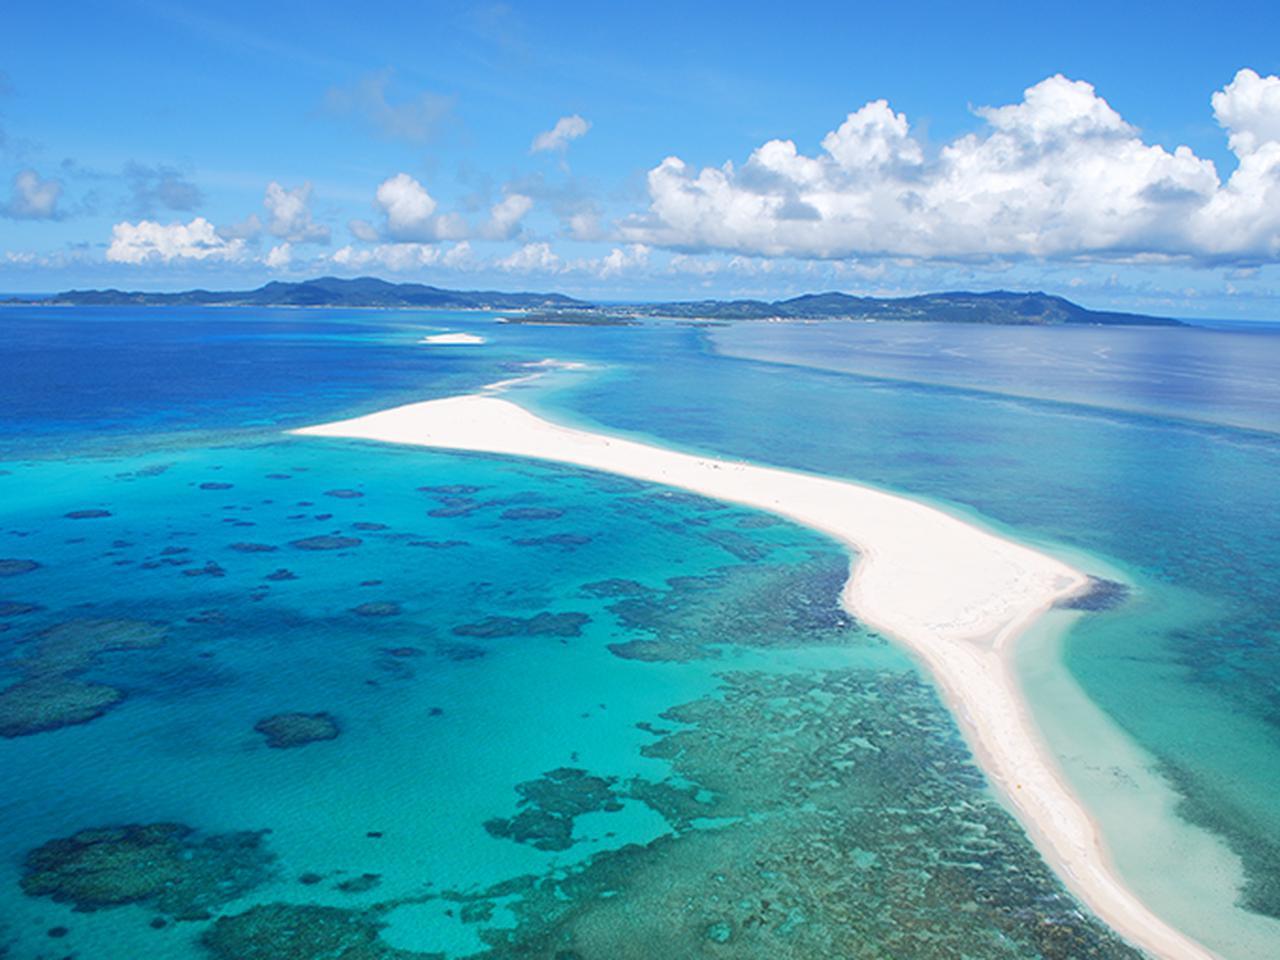 画像: 青い海と空、白い砂浜が美しい、球美の島・久米島